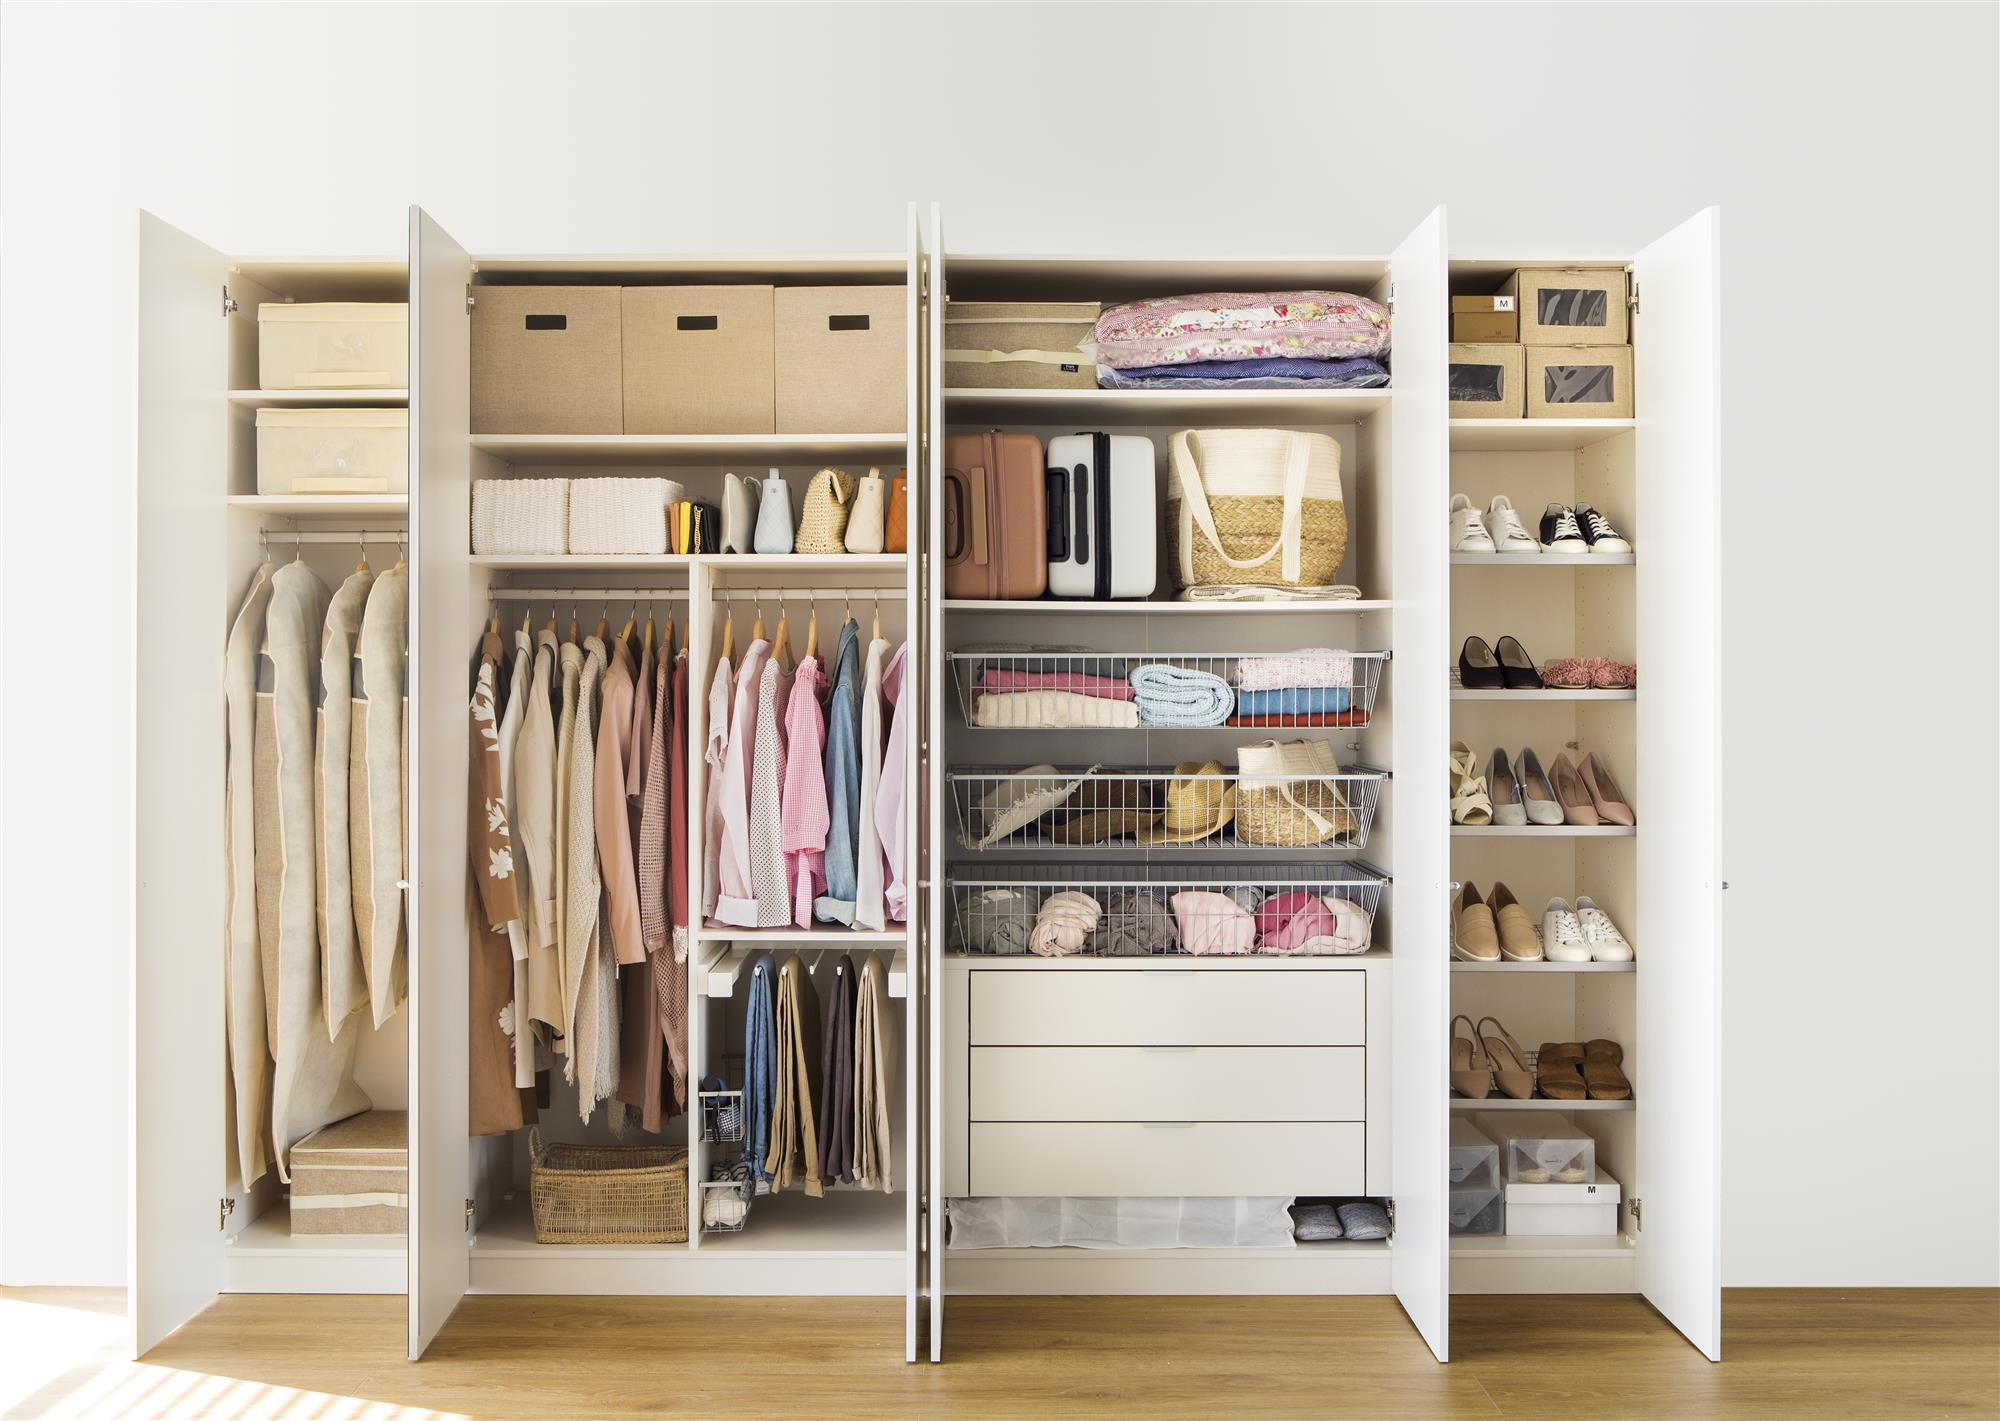 Armarios roperos armarios de cocina y armarios de ba o - Armarios de pared para banos ...